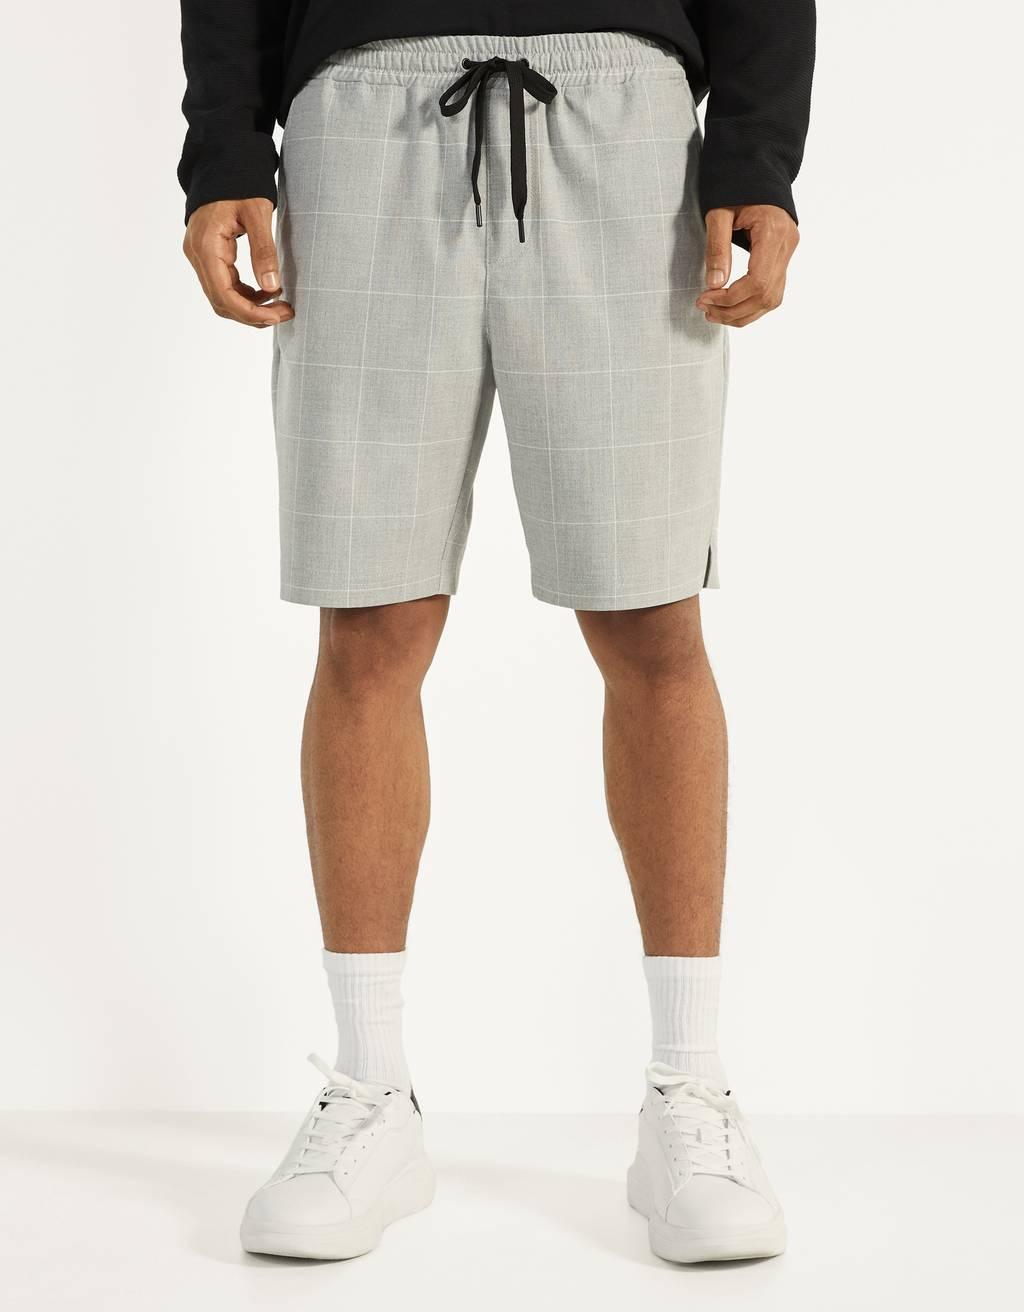 Bermuda jogging shorts